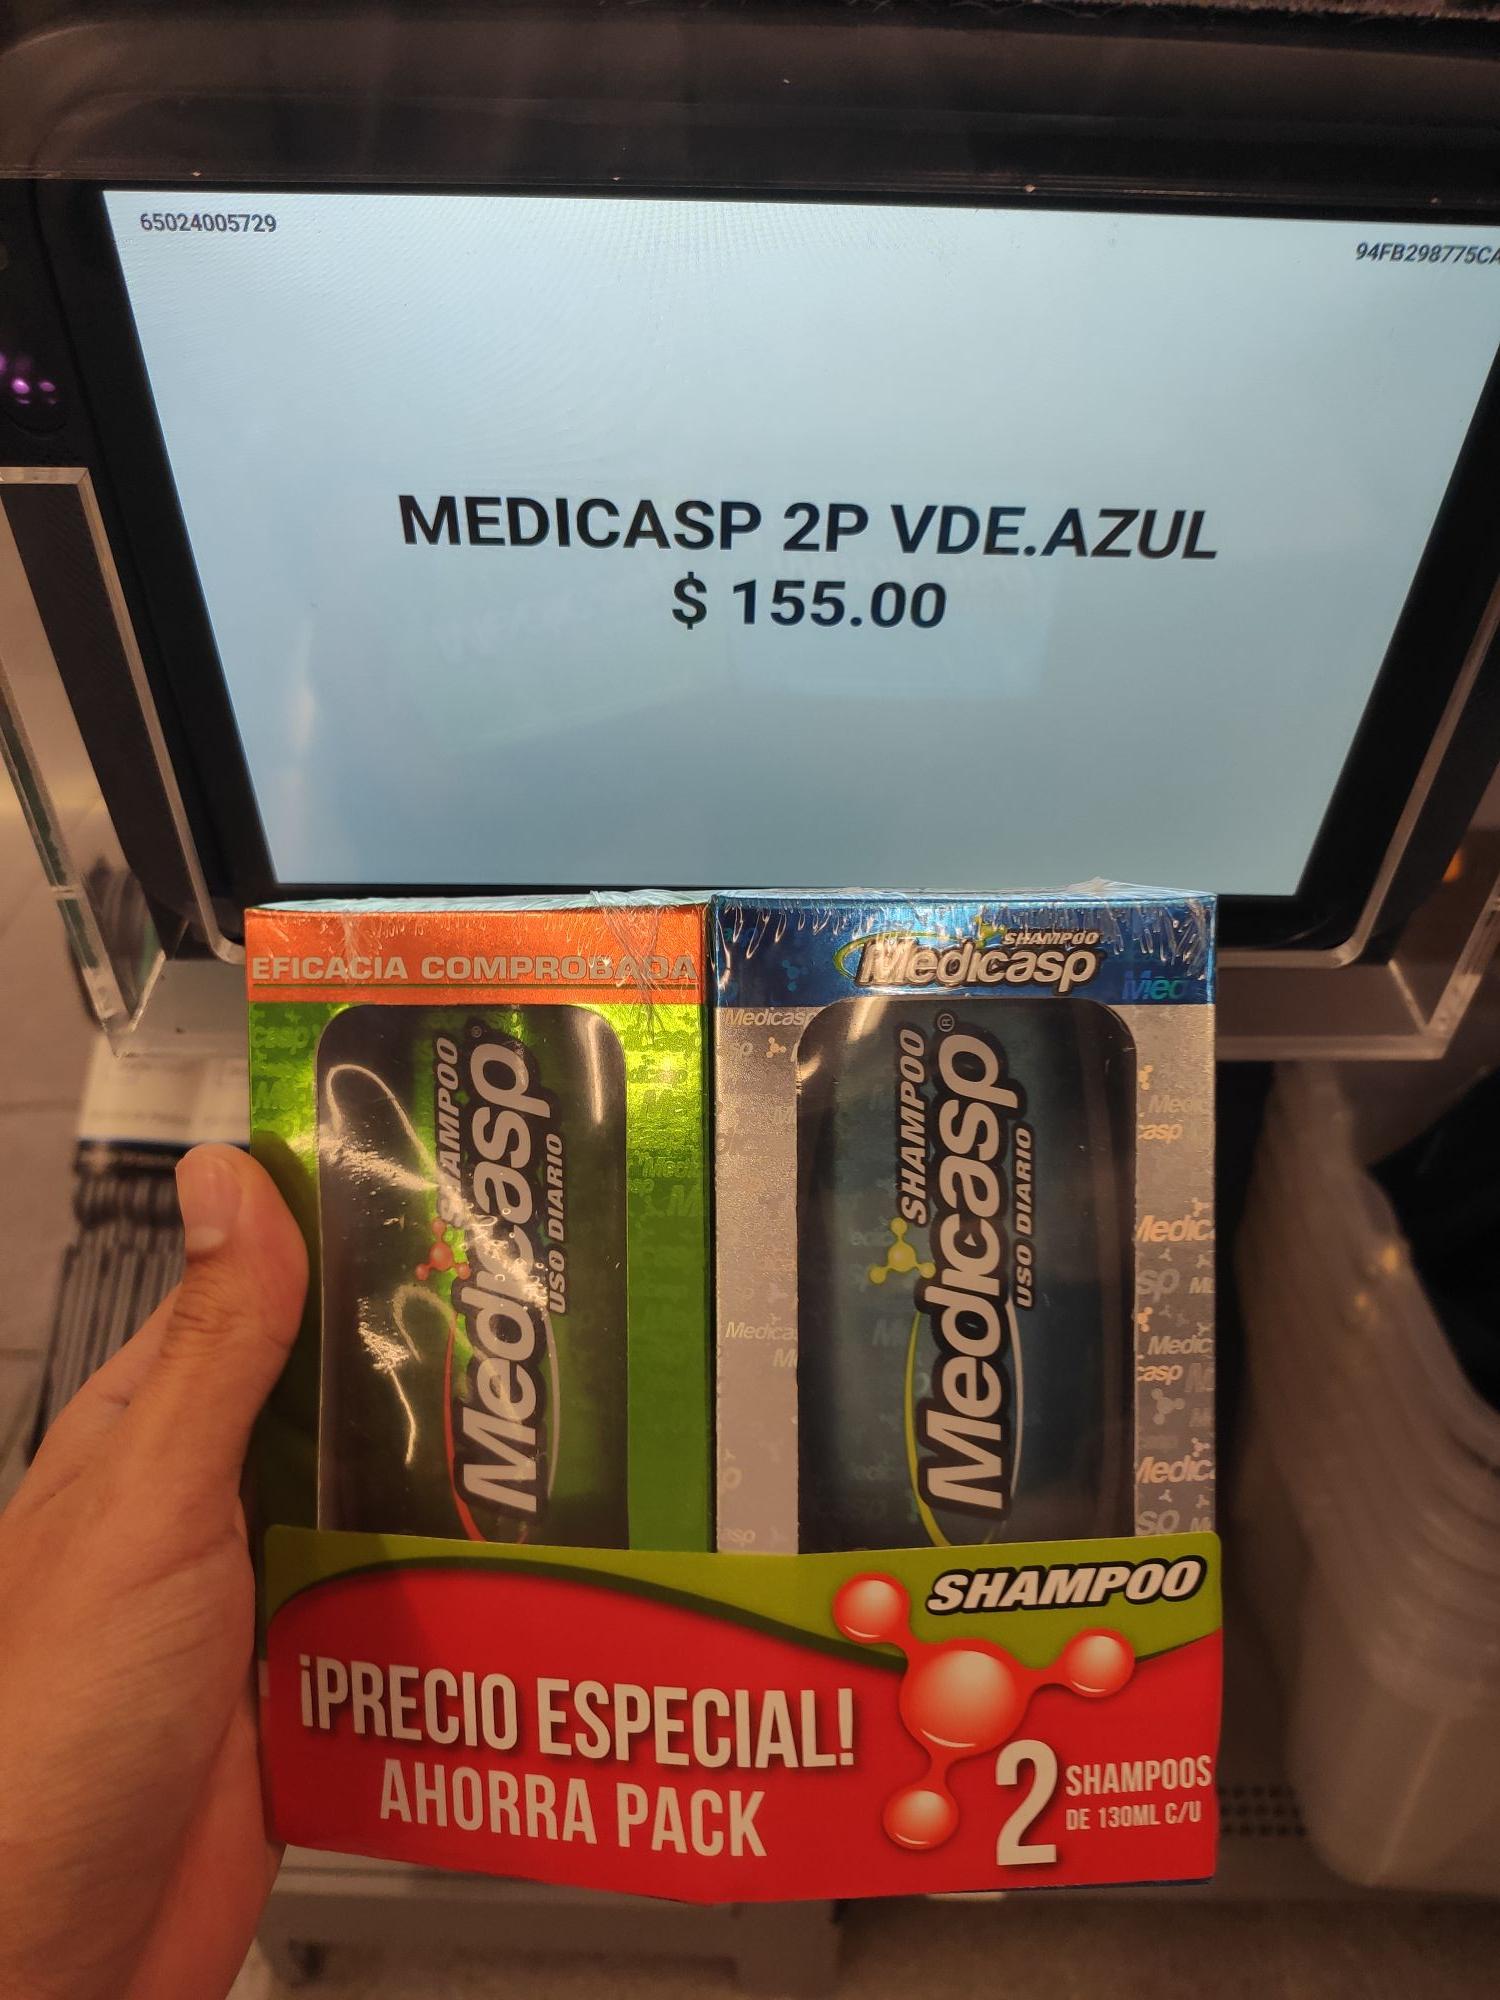 Walmart Mérida: 2 shampoo medicasp x 155